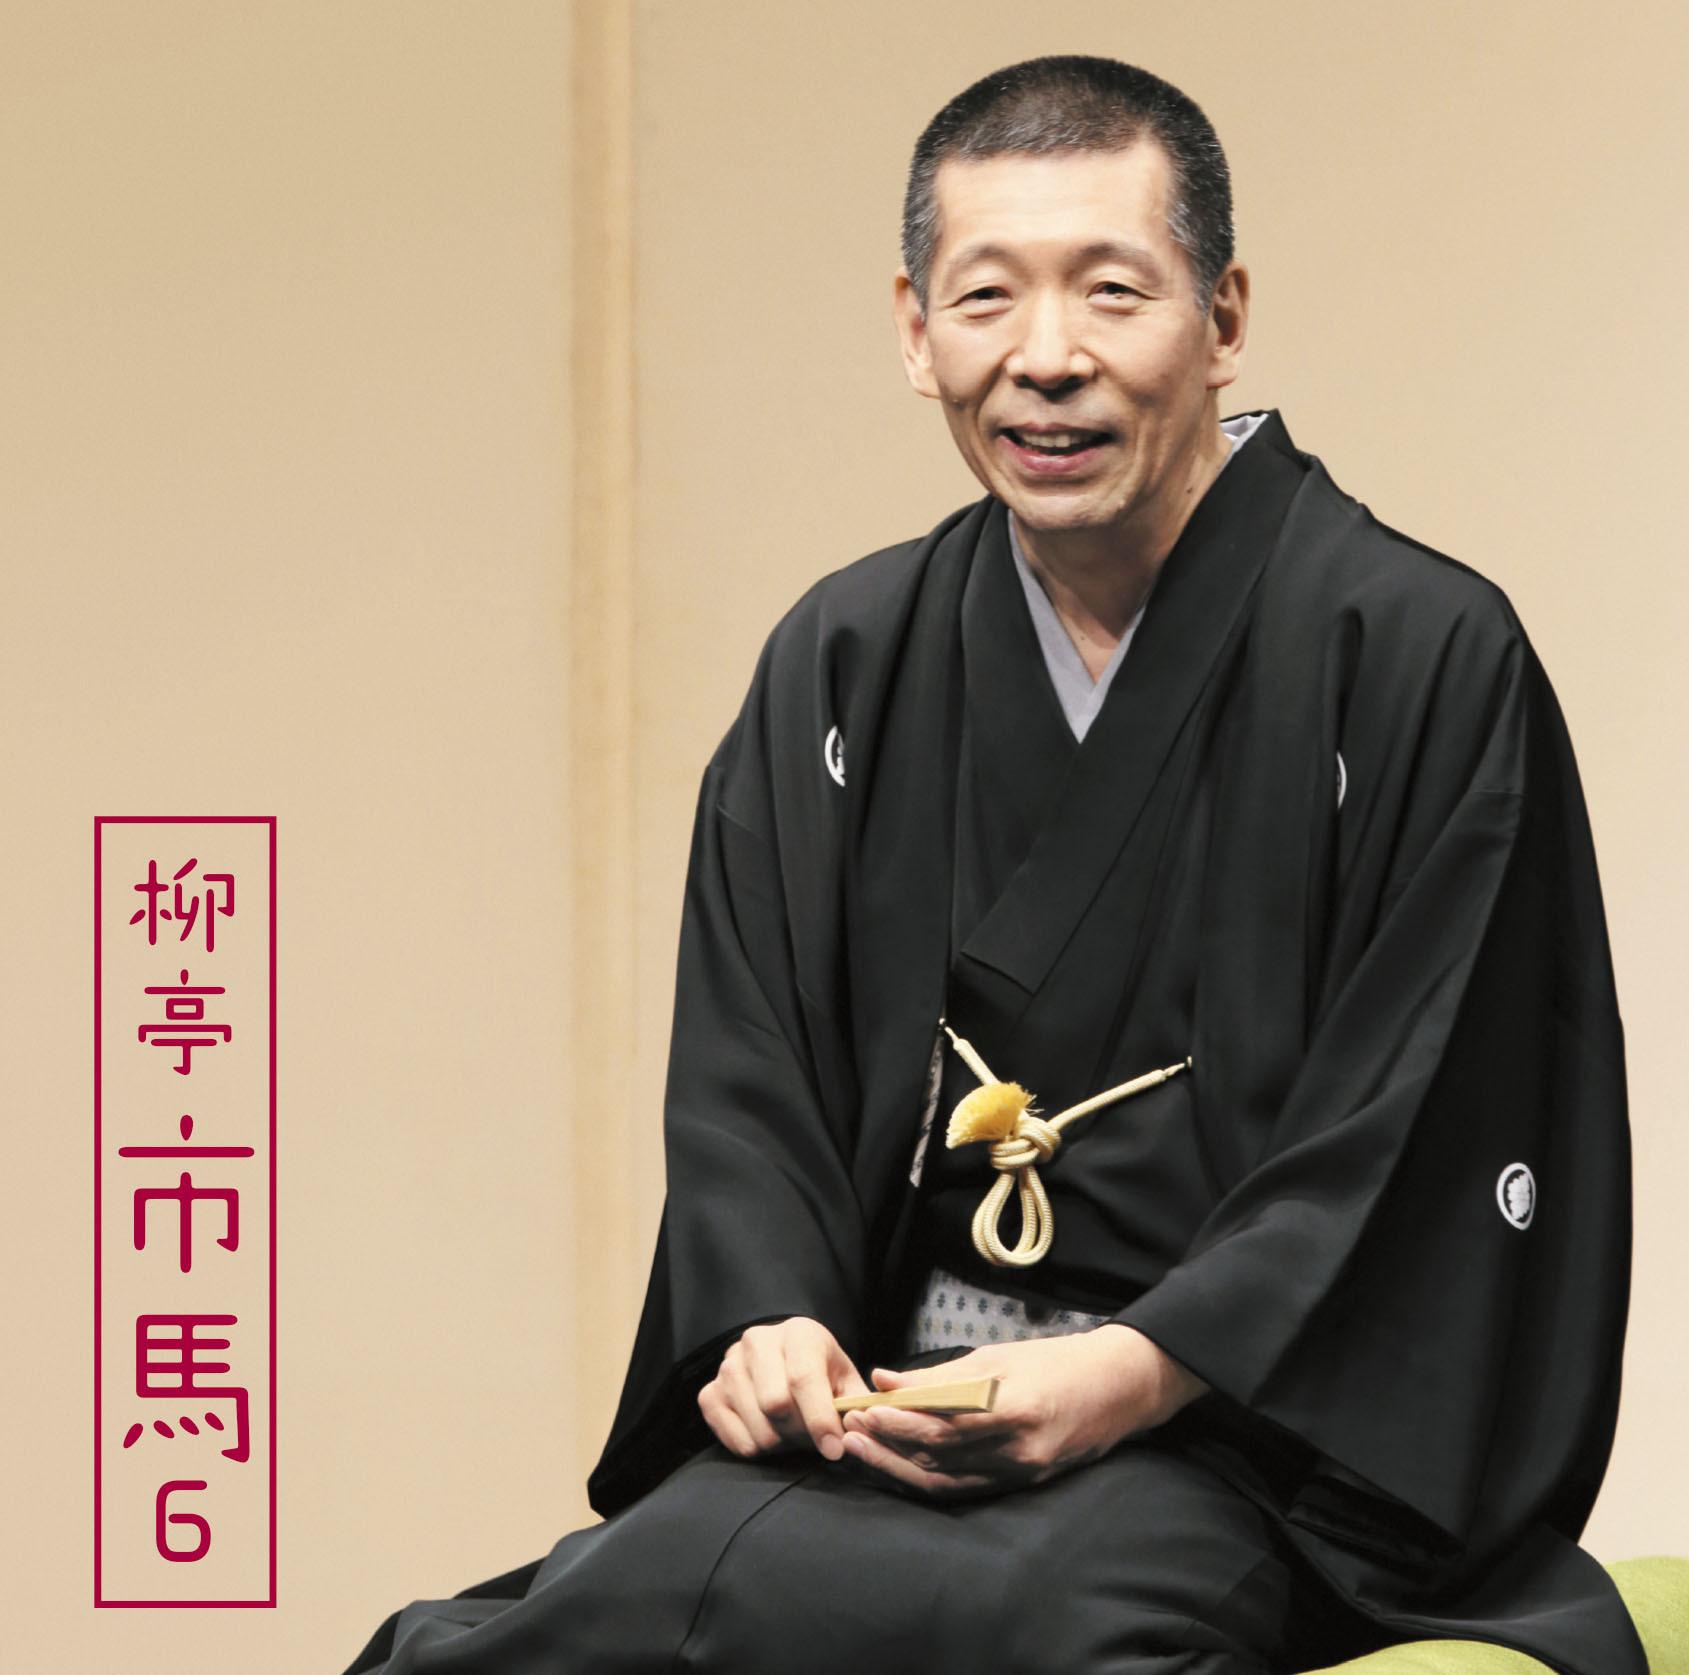 美声が冴えわたる柳亭市馬最新CD...